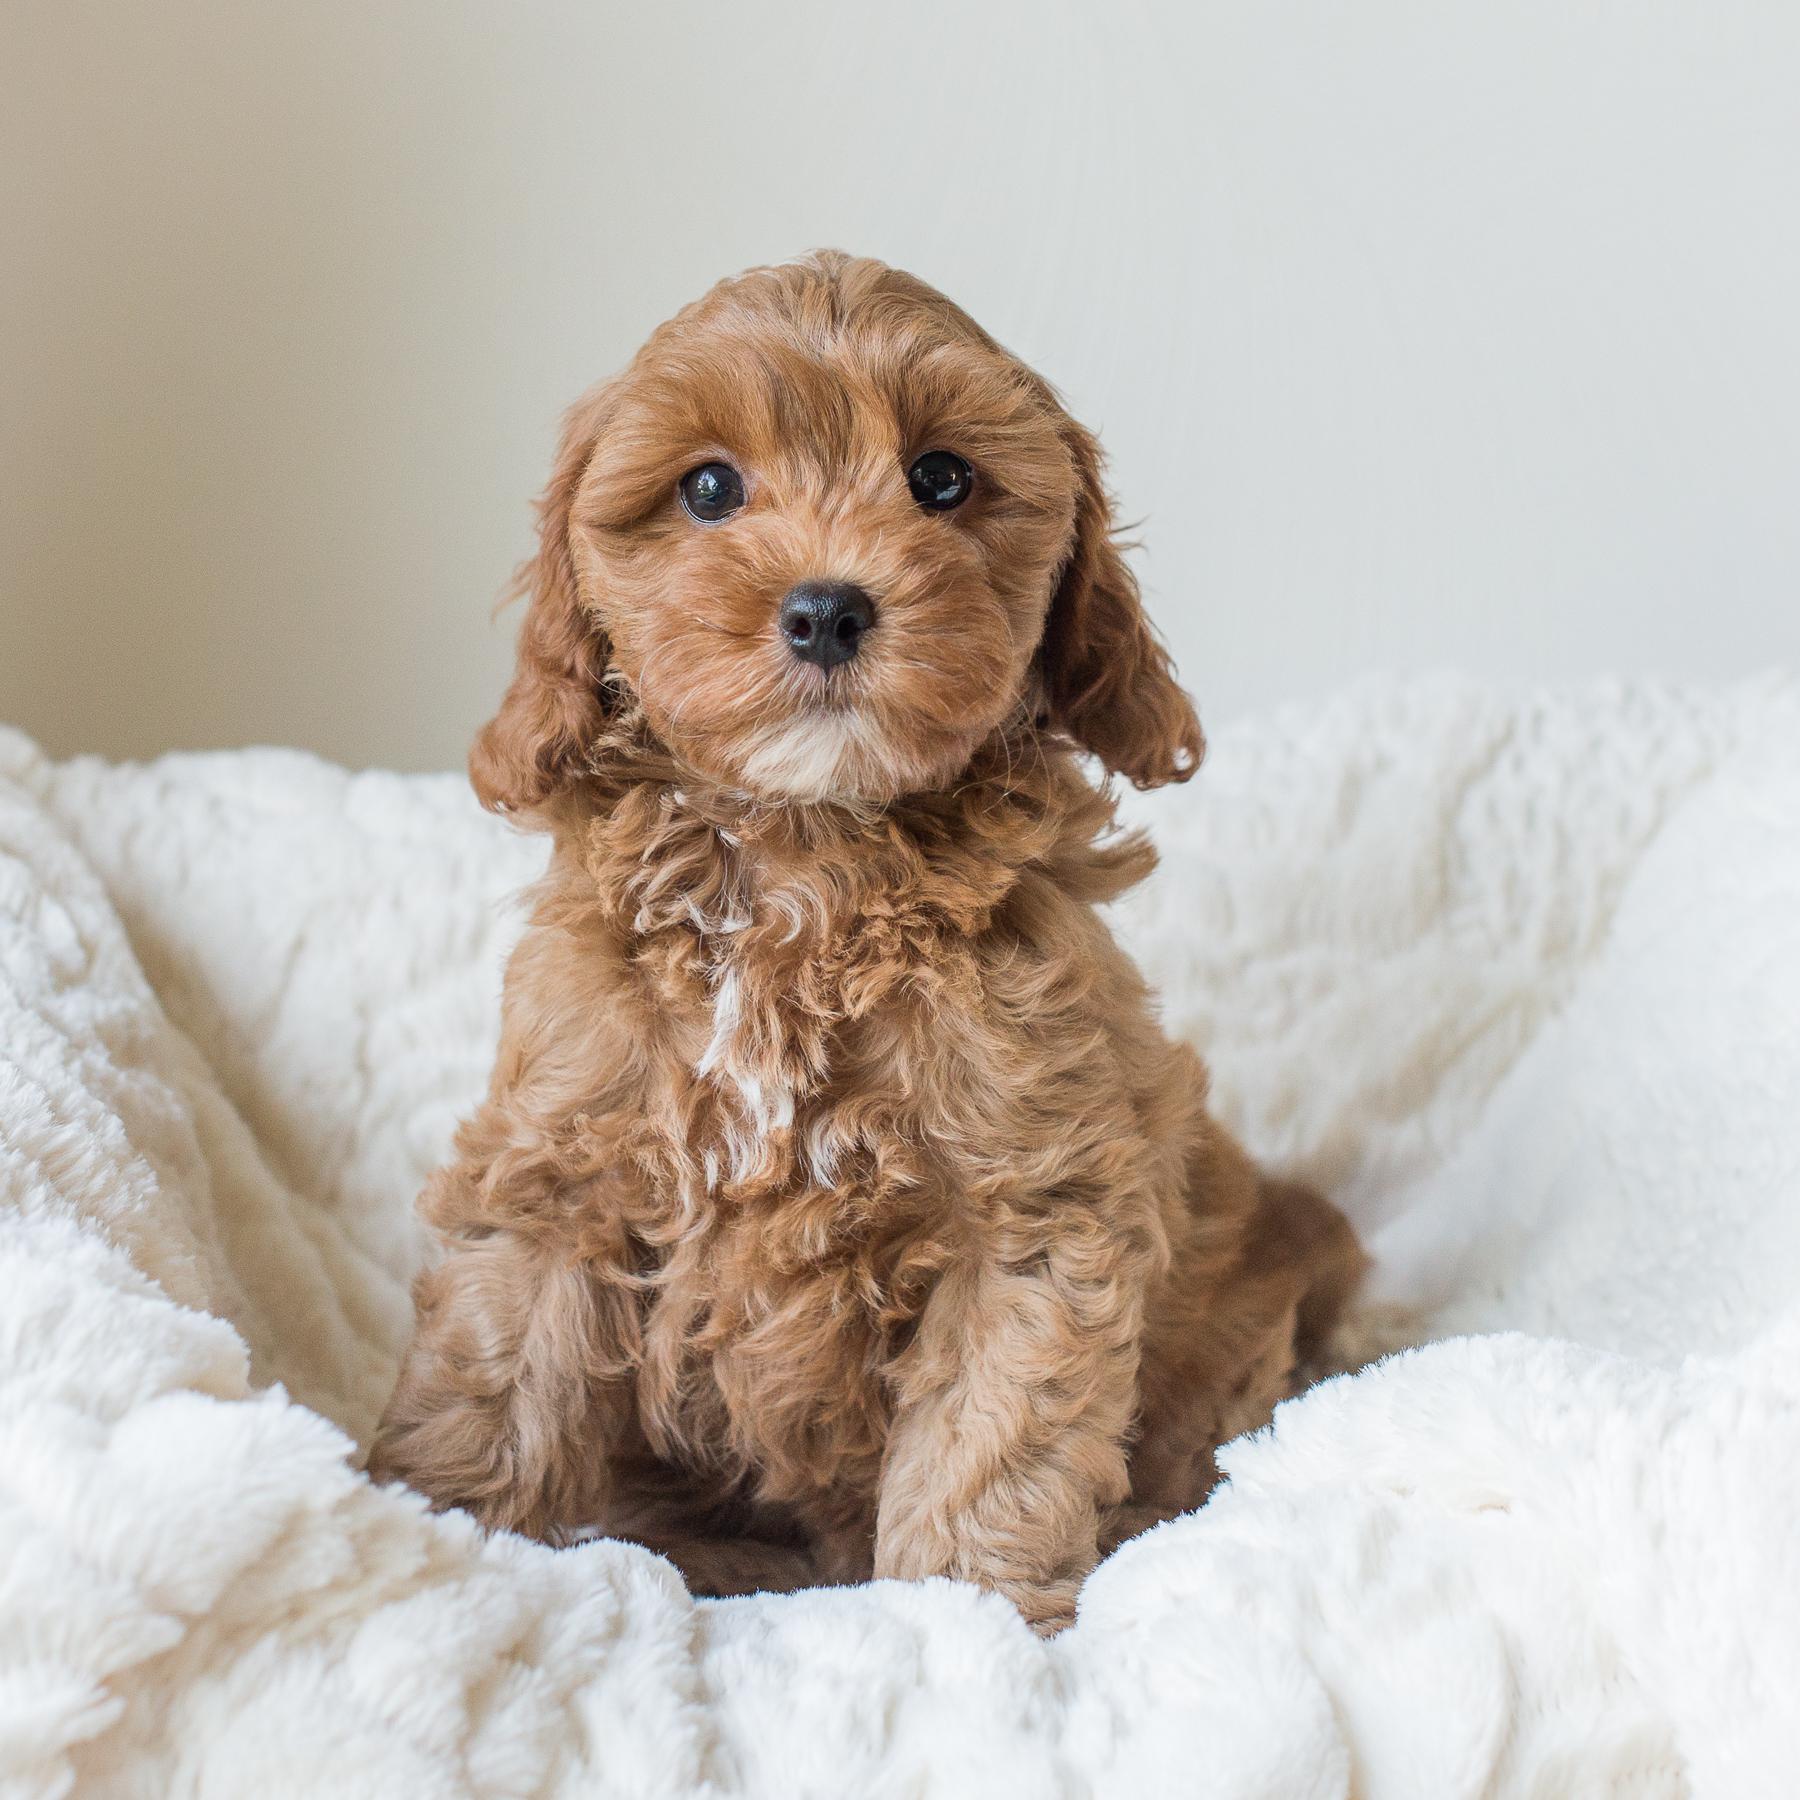 Susie, William - Cavapoochon Puppy.jpg